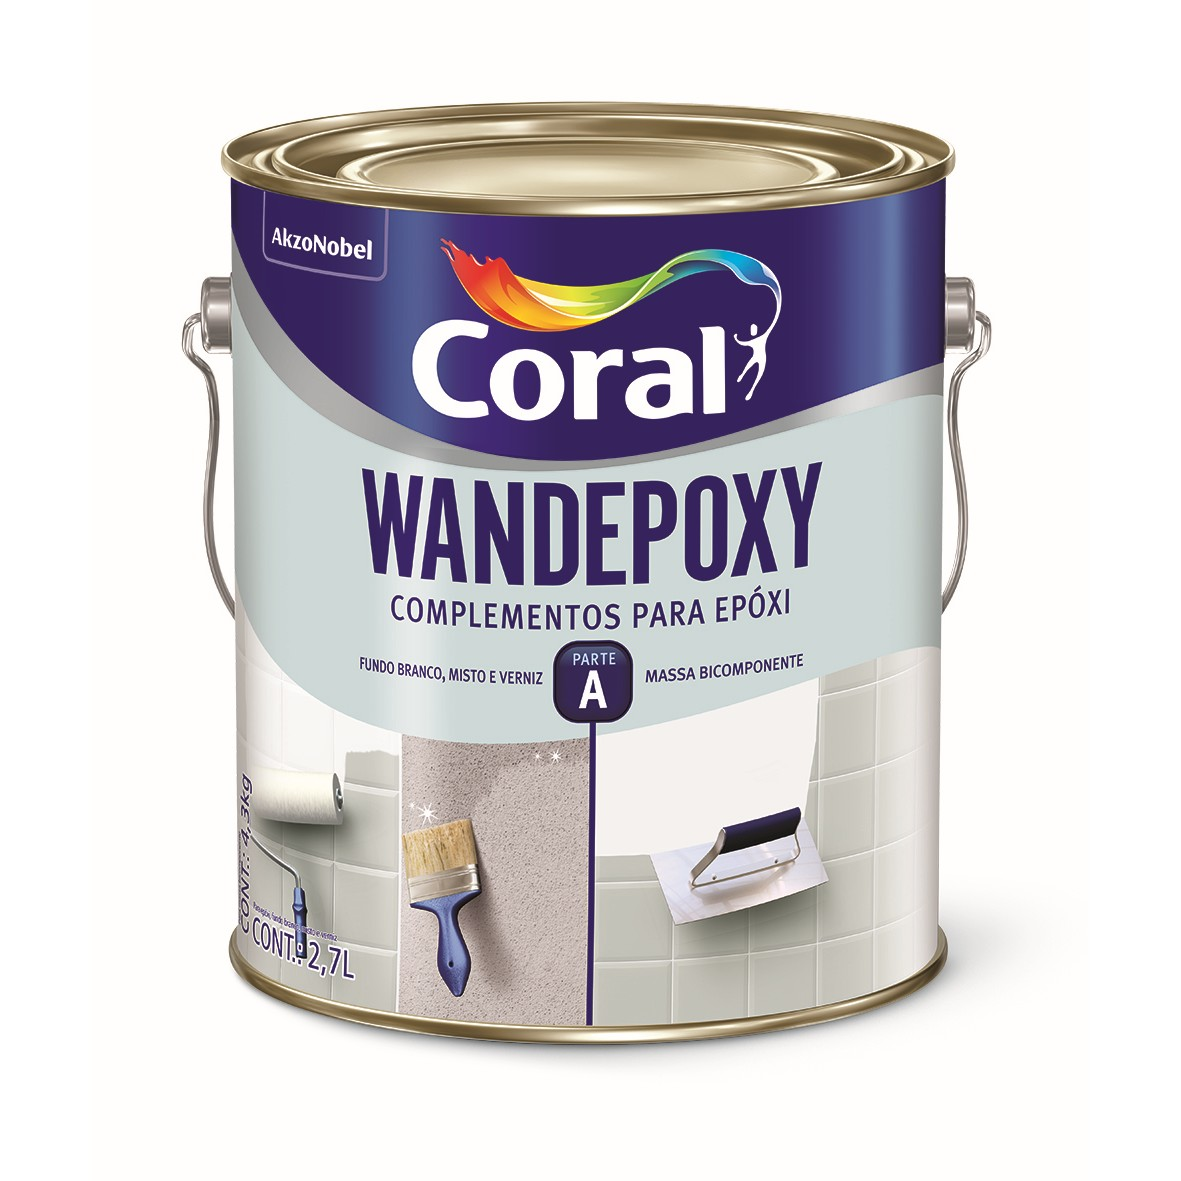 Tinta Epoxi Brilhante Premium 27L - Amarelo Seguranca - Wandepoxy Coral